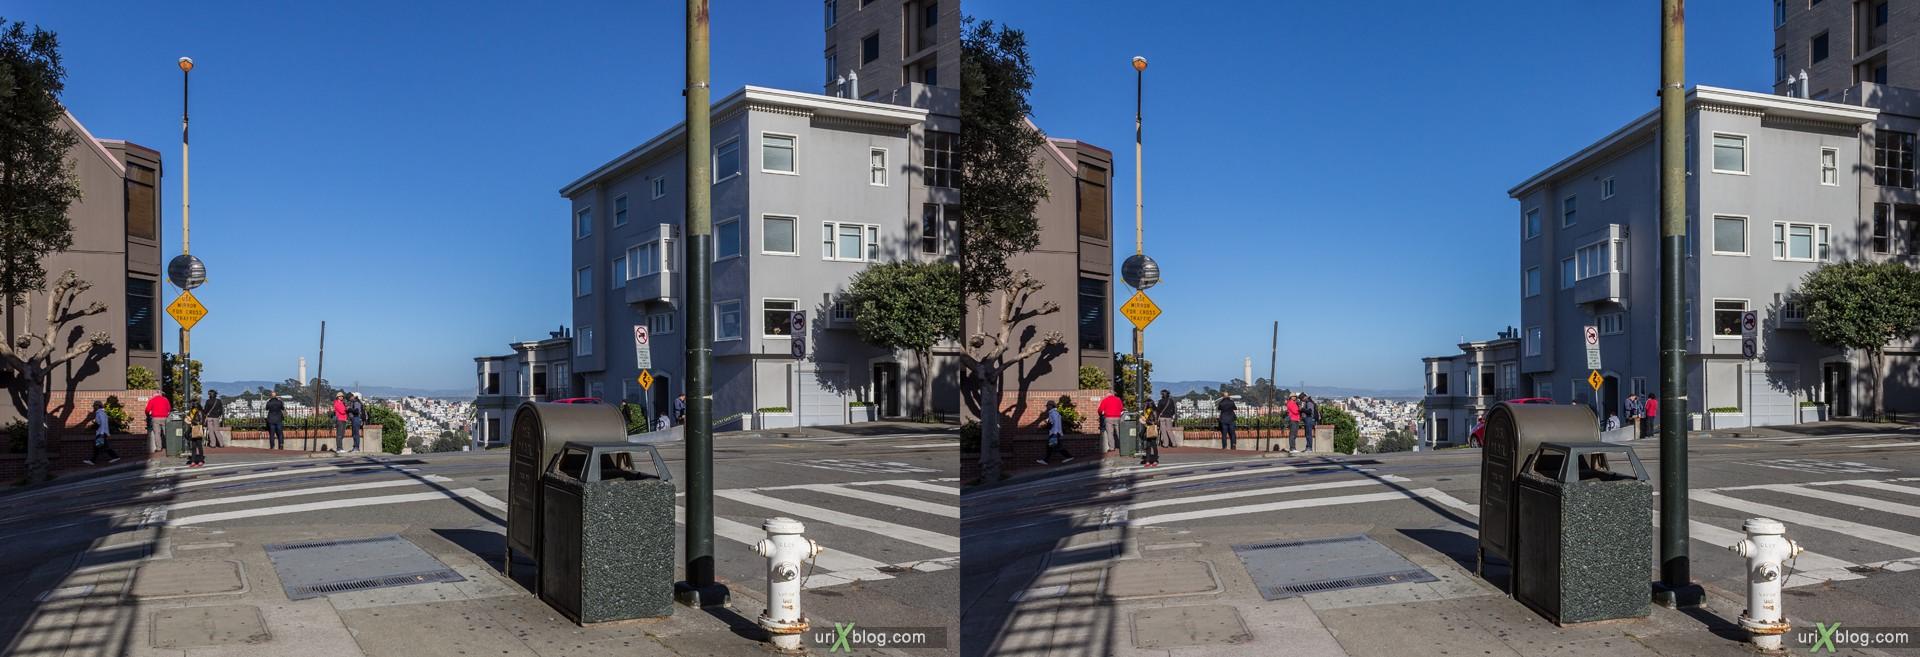 2013, США, Калифорния, Сан Франциско, улица Ломбард, Русский холм, 3D, перекрёстная стереопара, стерео, стереопара